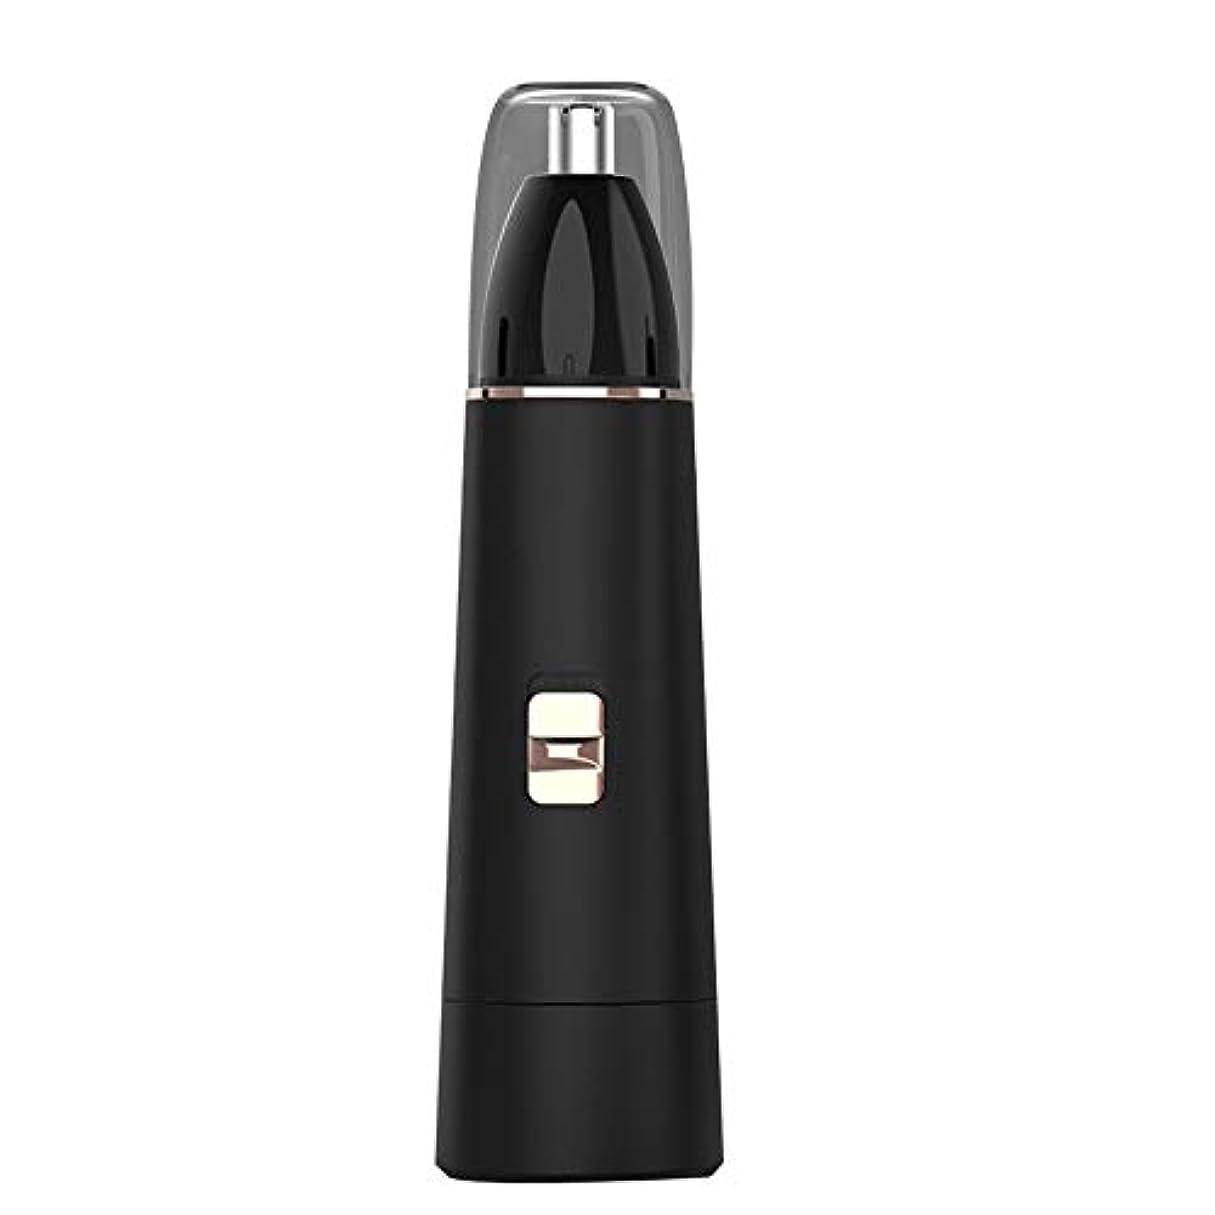 山換気する言い直す鼻毛トリマー-USB充電式電動鼻毛トリマー/ABS素材/多機能 お手入れが簡単